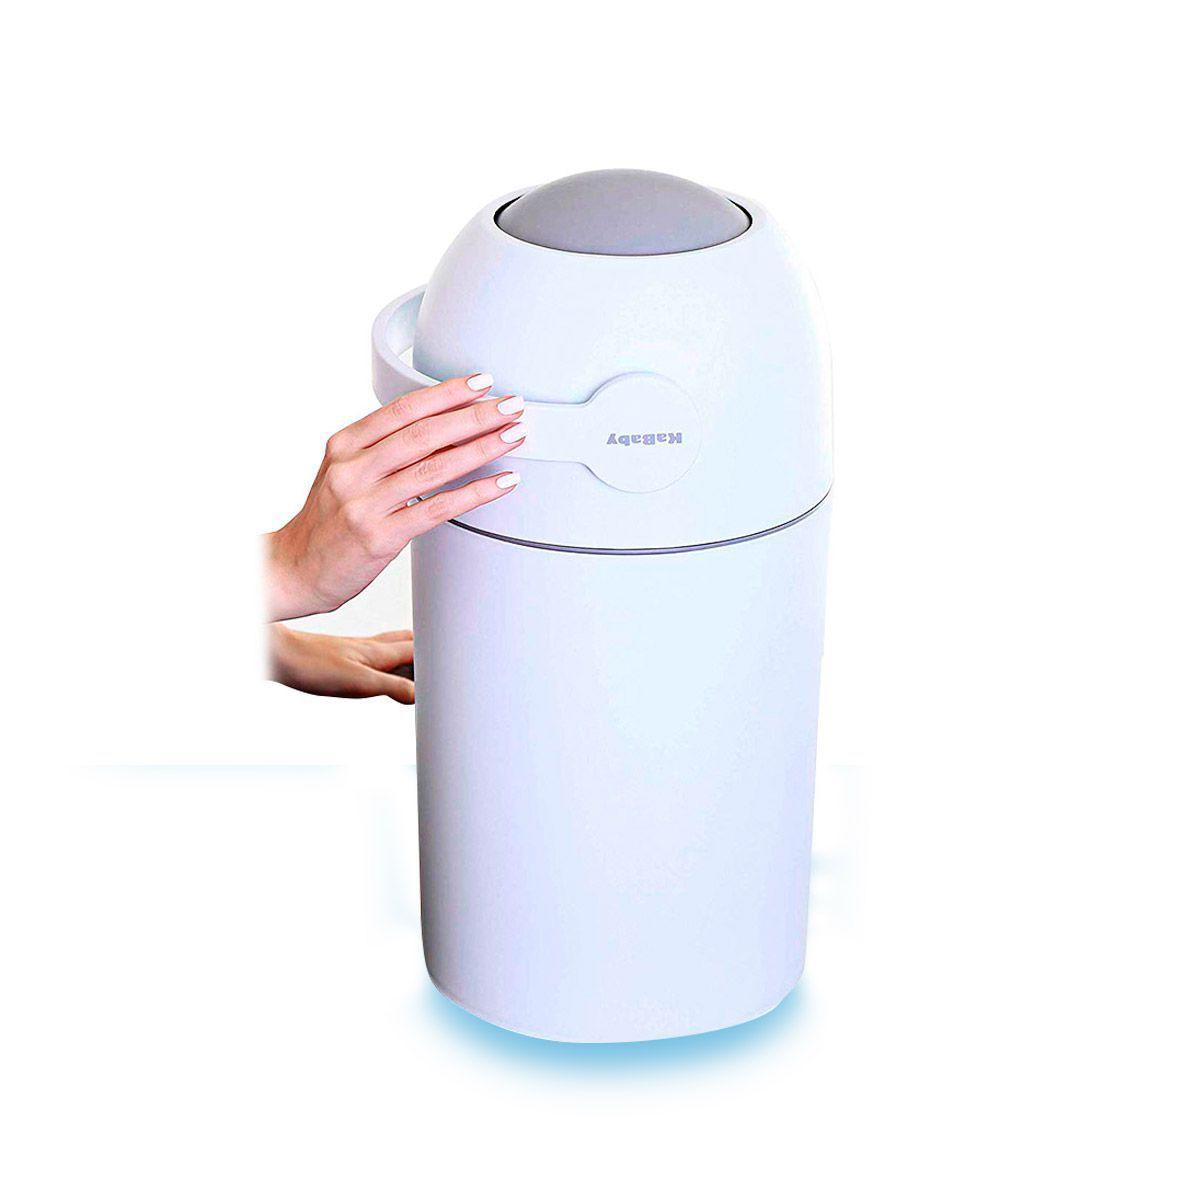 Lixo Mágico Anti-Odor Branco - Kababy